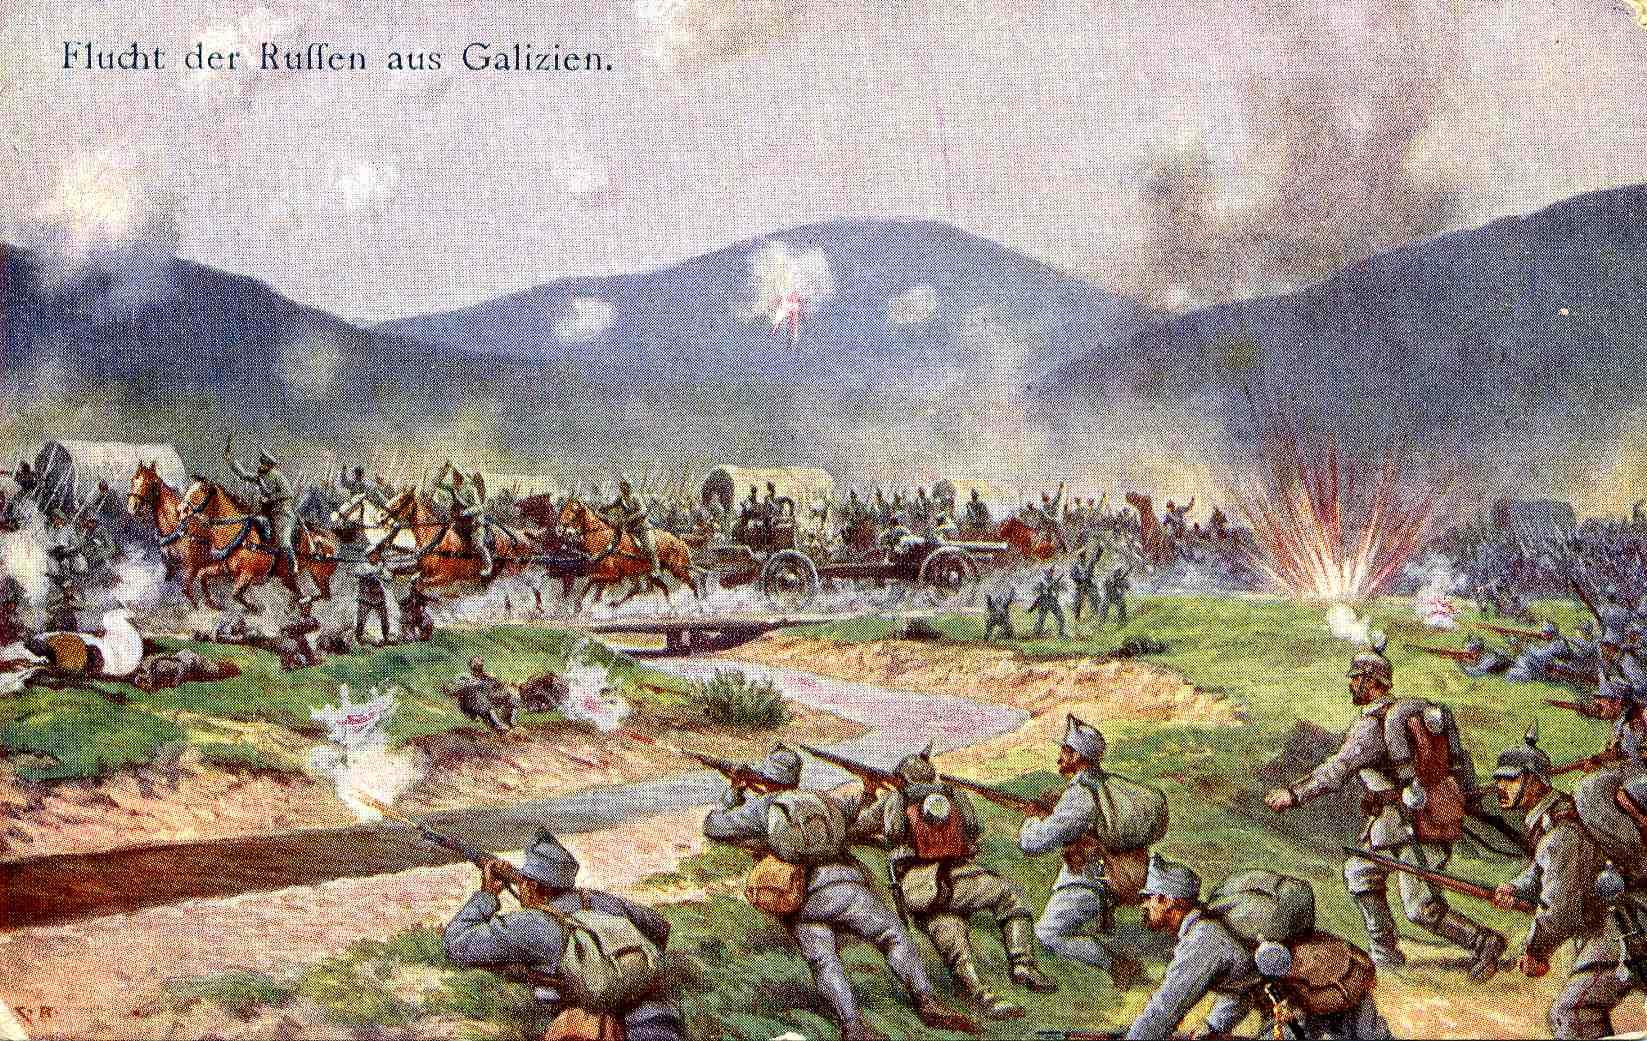 Attacco russo in Galizia Archivio E. Mastrociani F. Todero